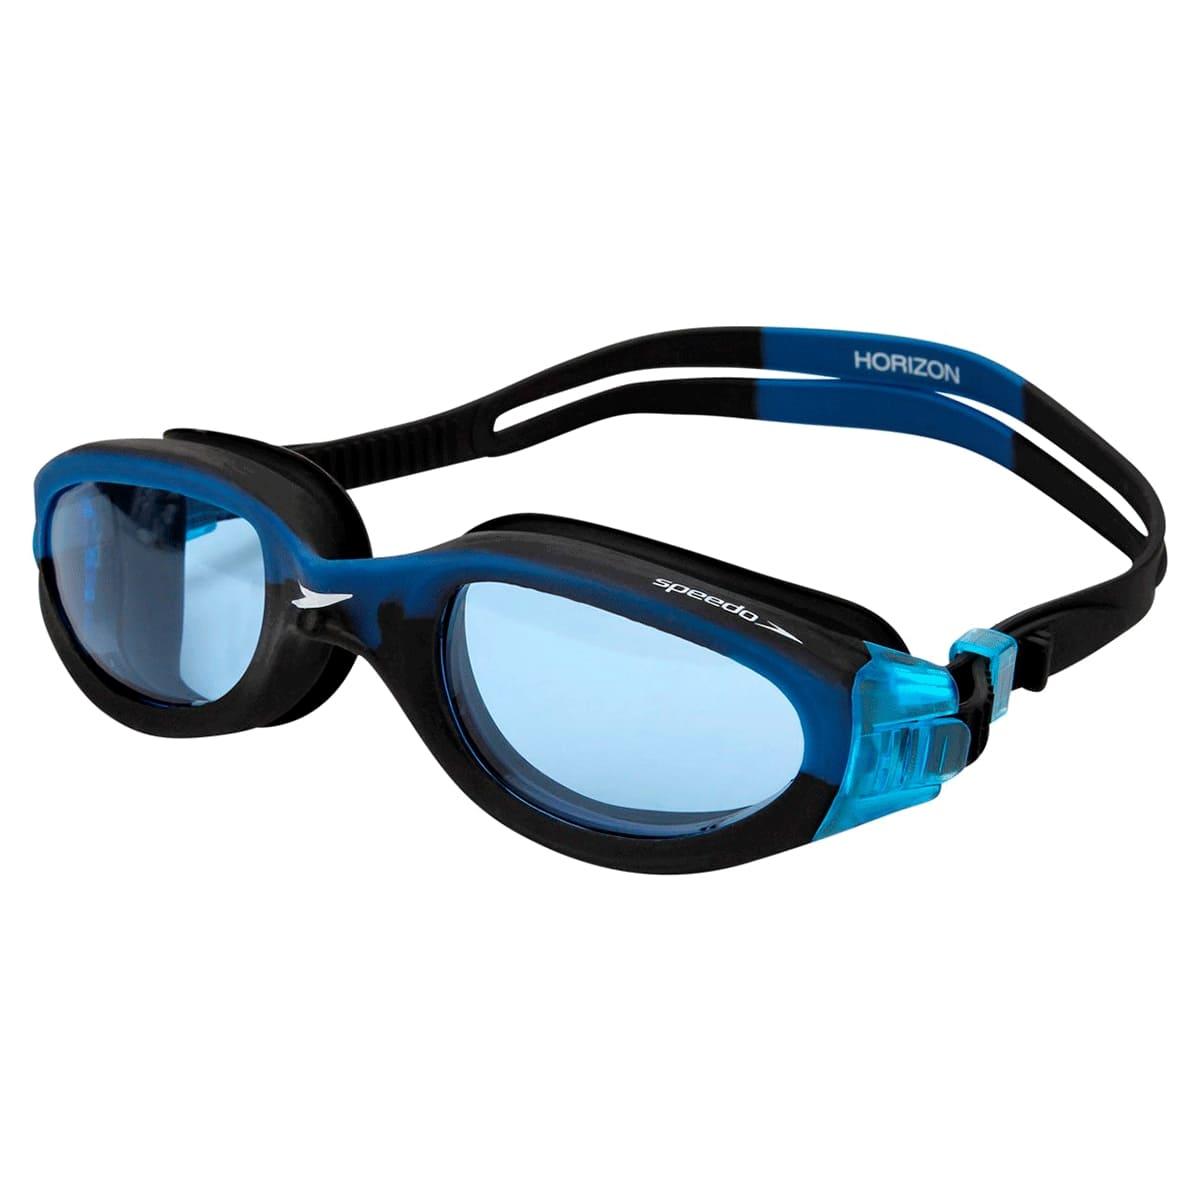 Óculos Natação Speedo Horizon Preto Azul